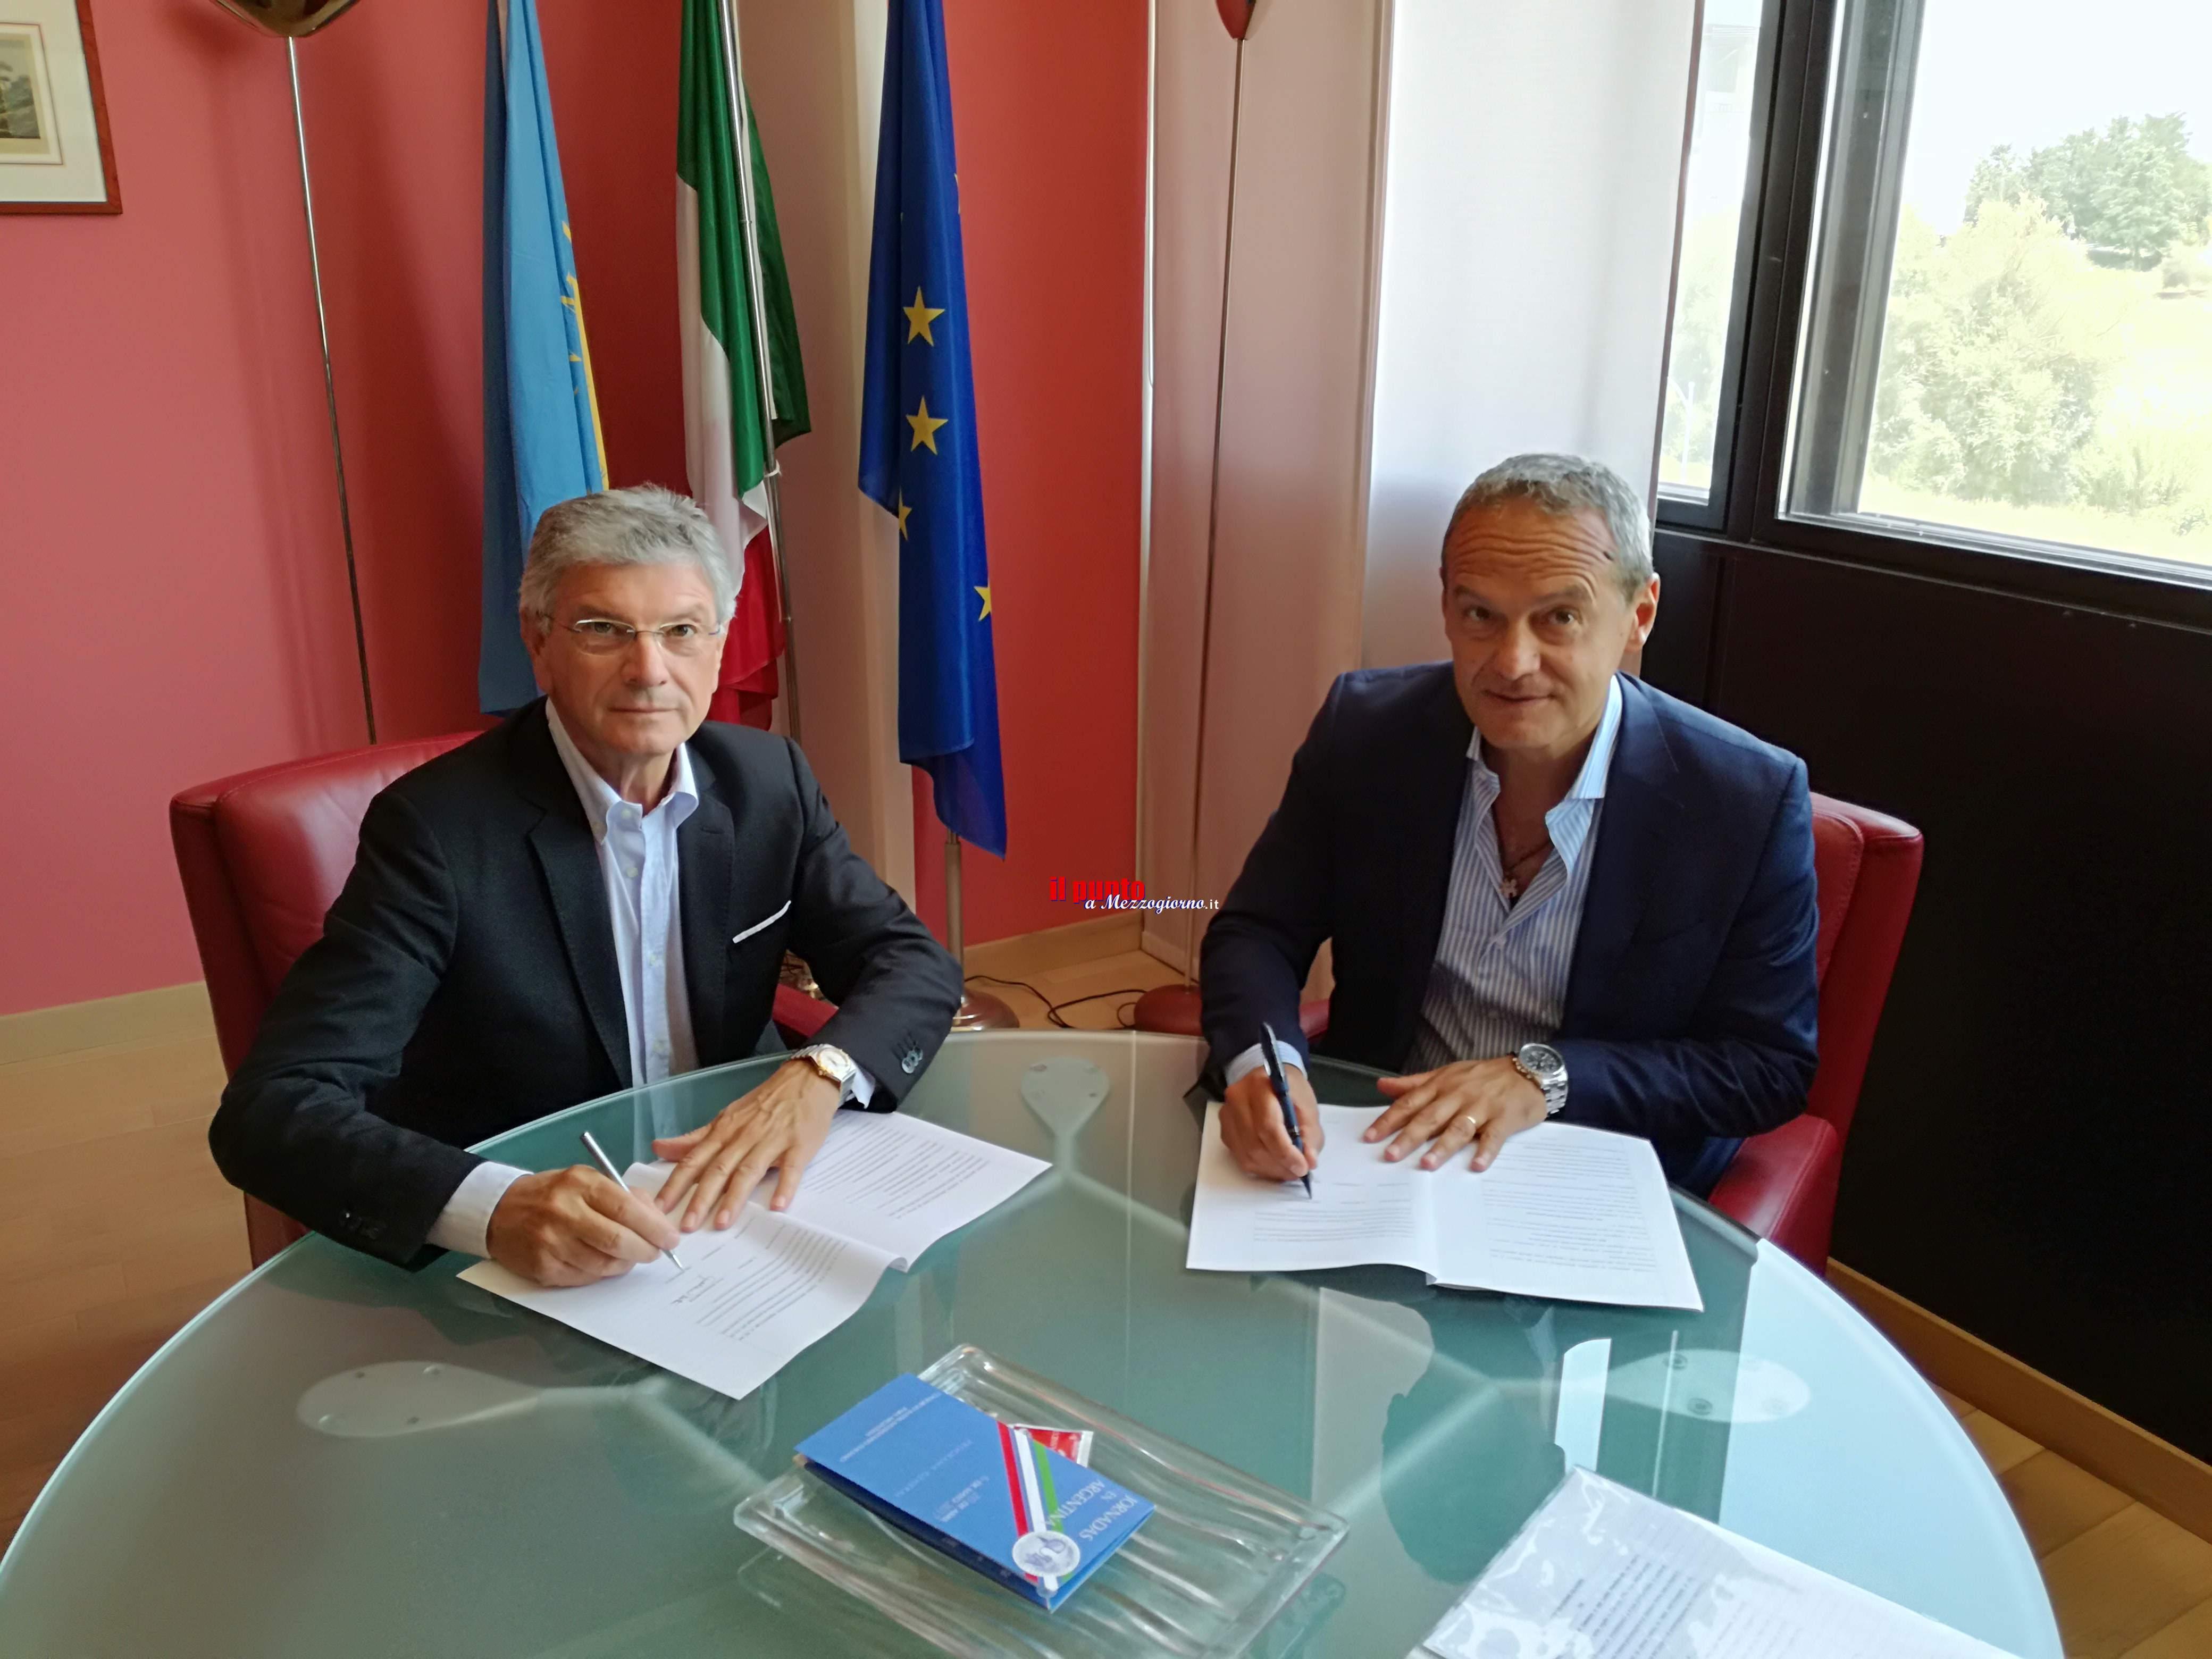 Cosilam e Università degli studi di Cassino e del Lazio meridionale: siglata convenzione